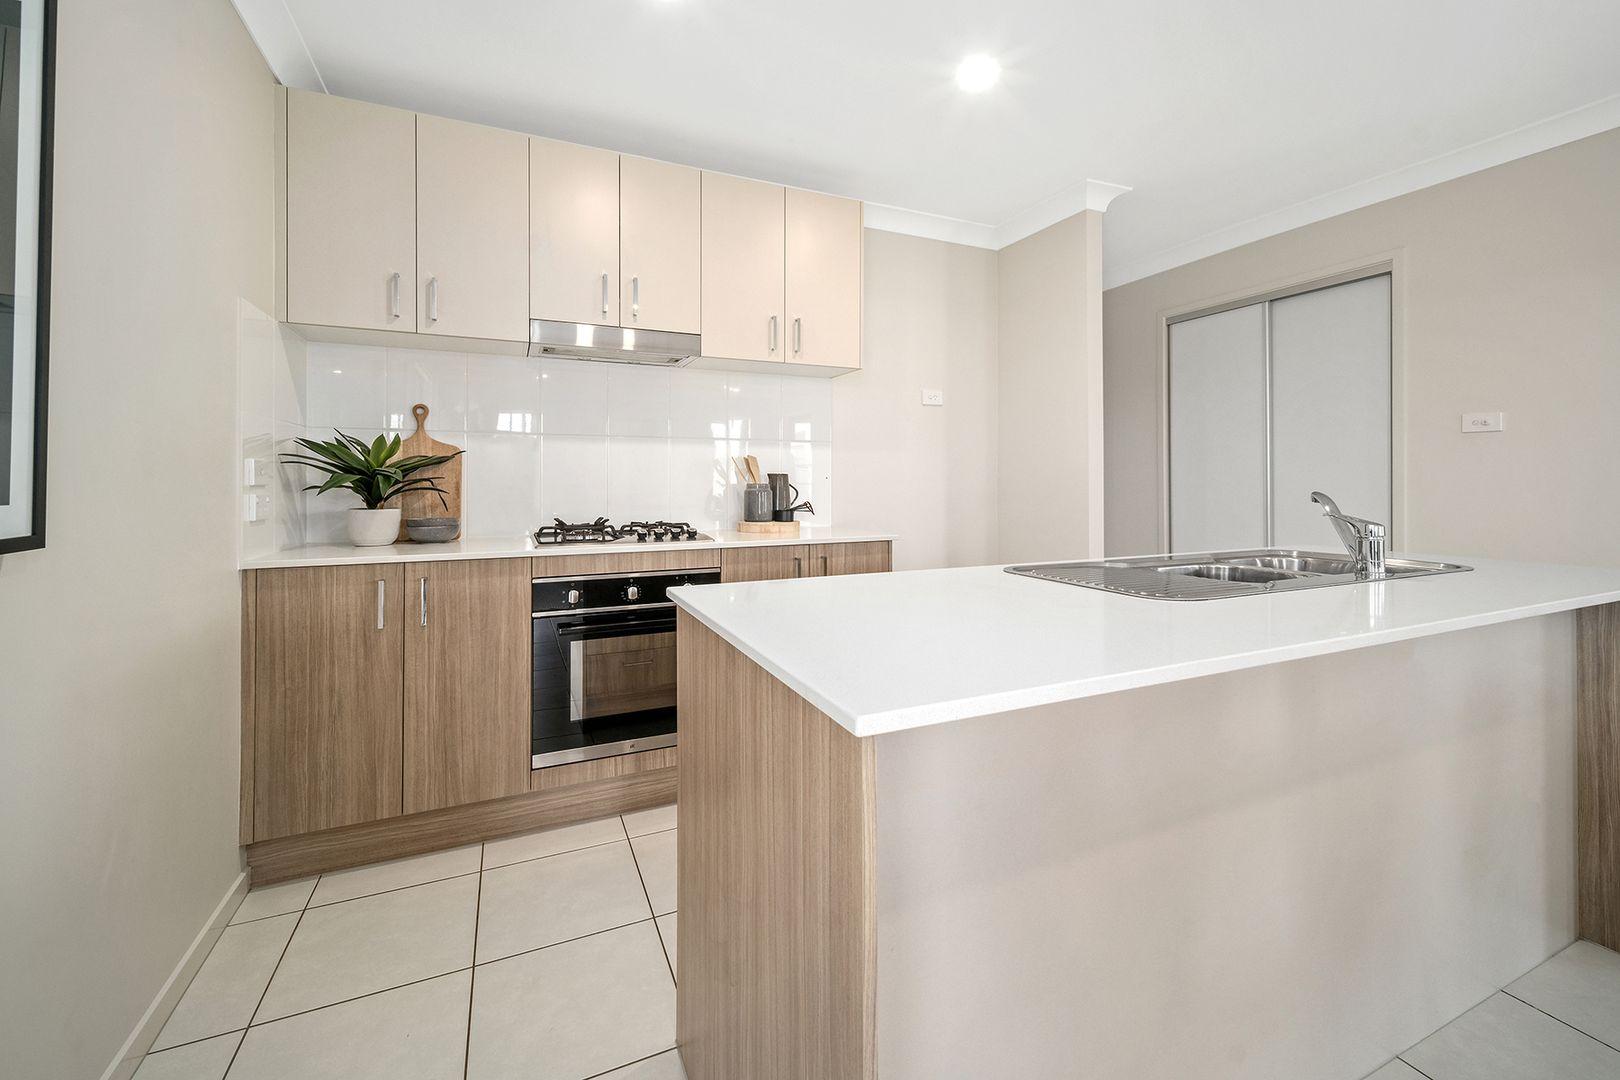 12 Sandcastle Street, Fern Bay NSW 2295, Image 2